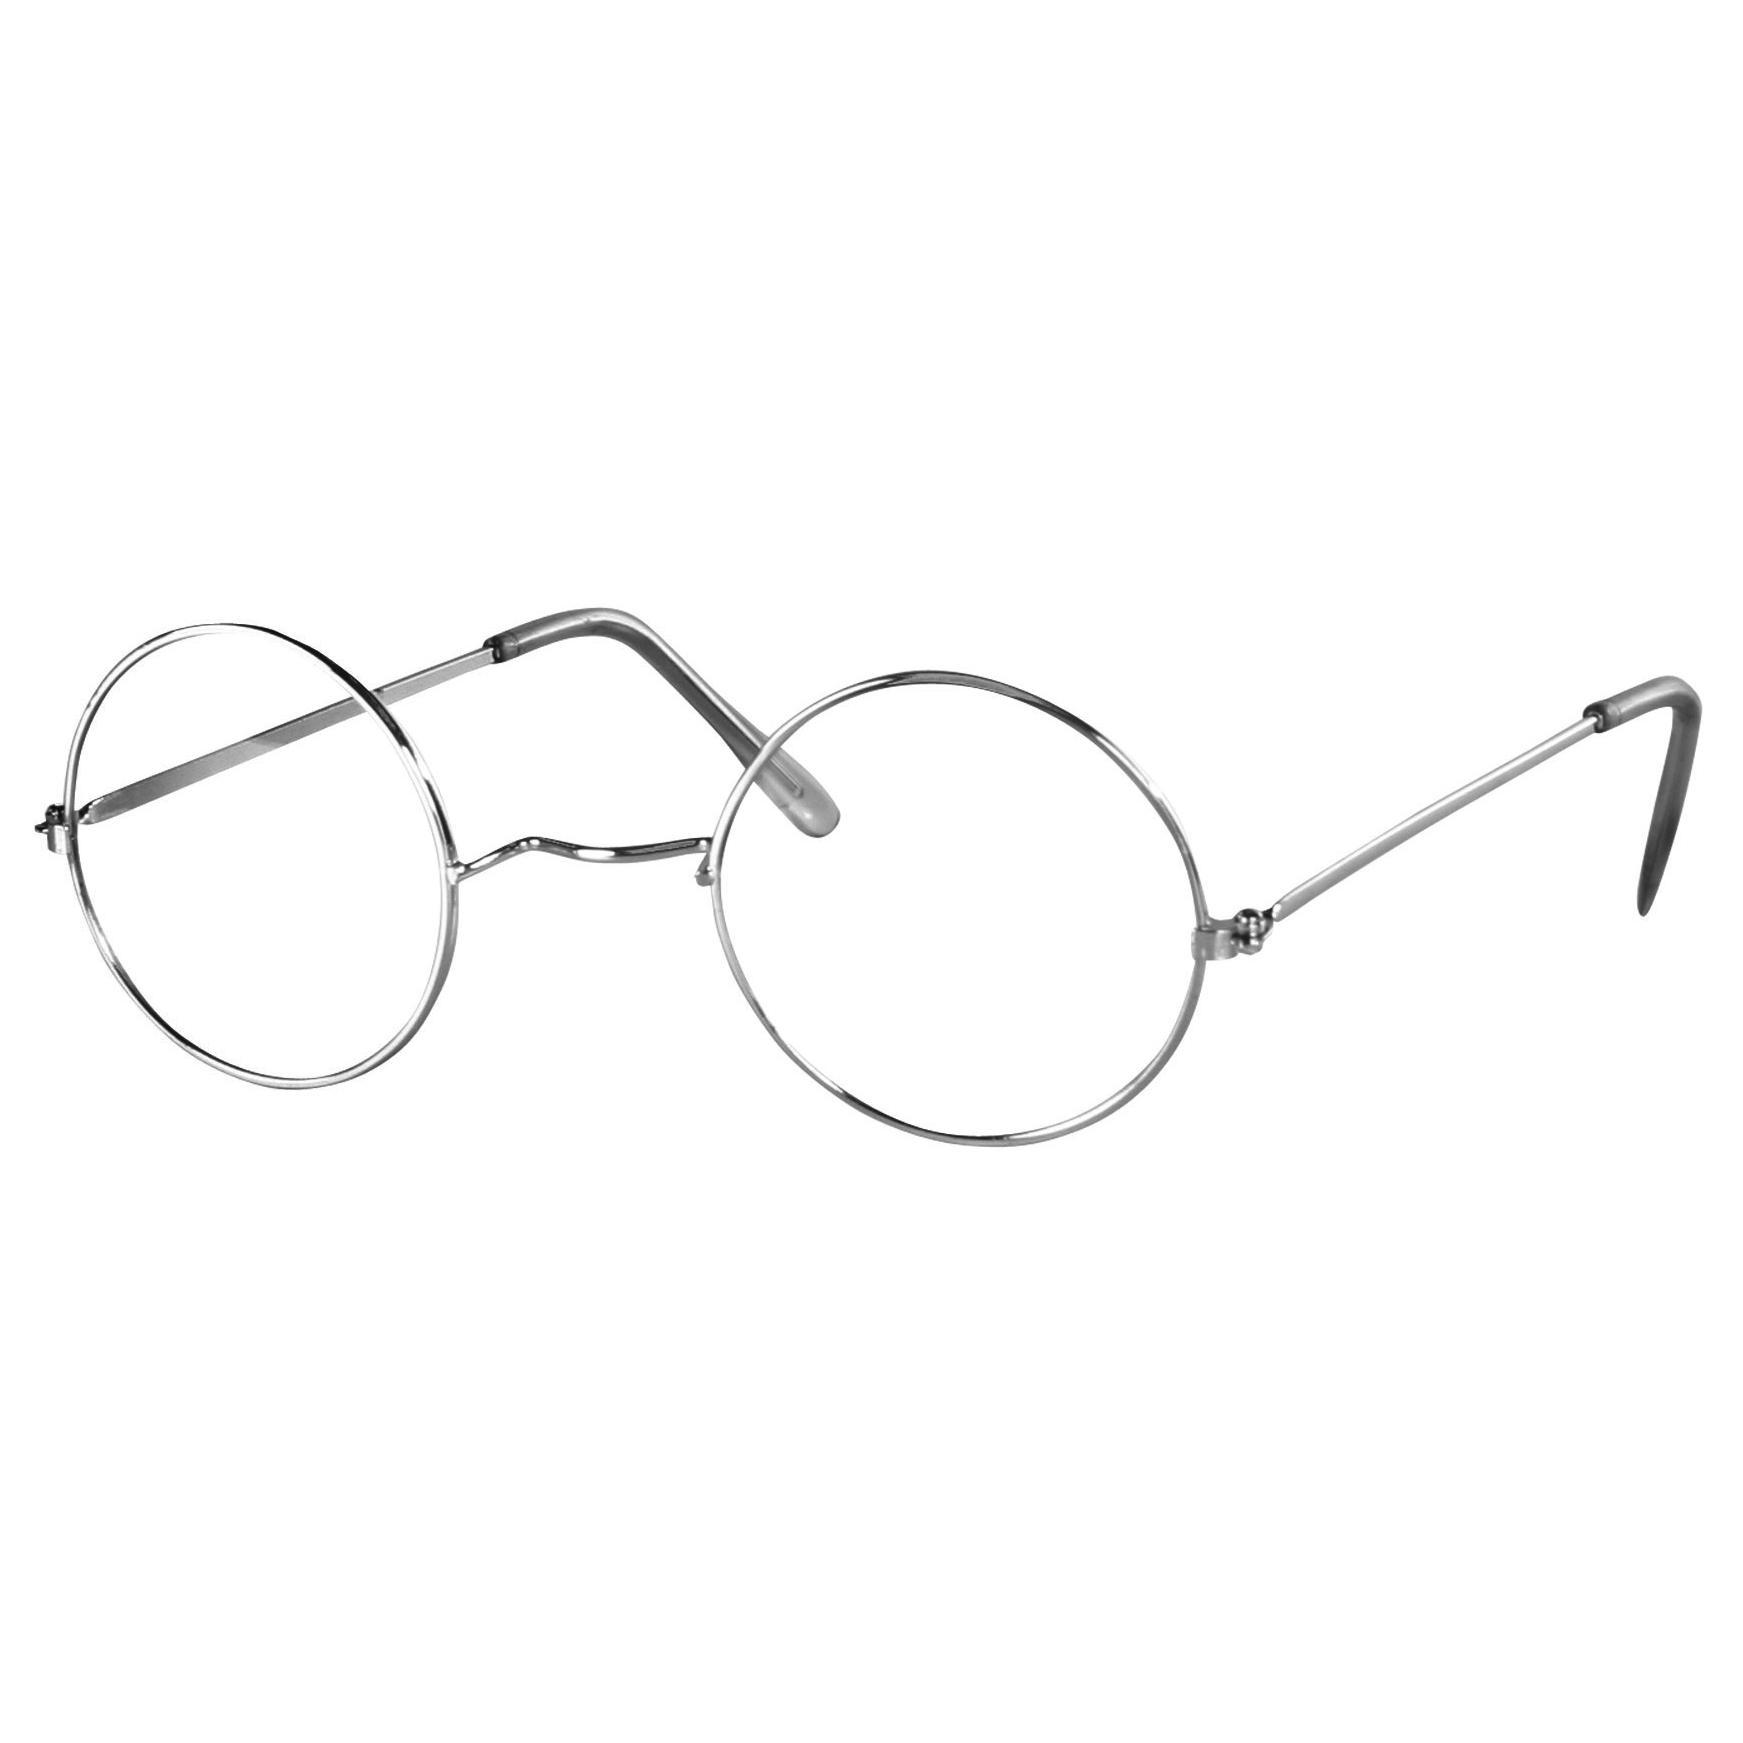 fabriker se upp för pålitlig kvalitet Runda Glasögonbågar